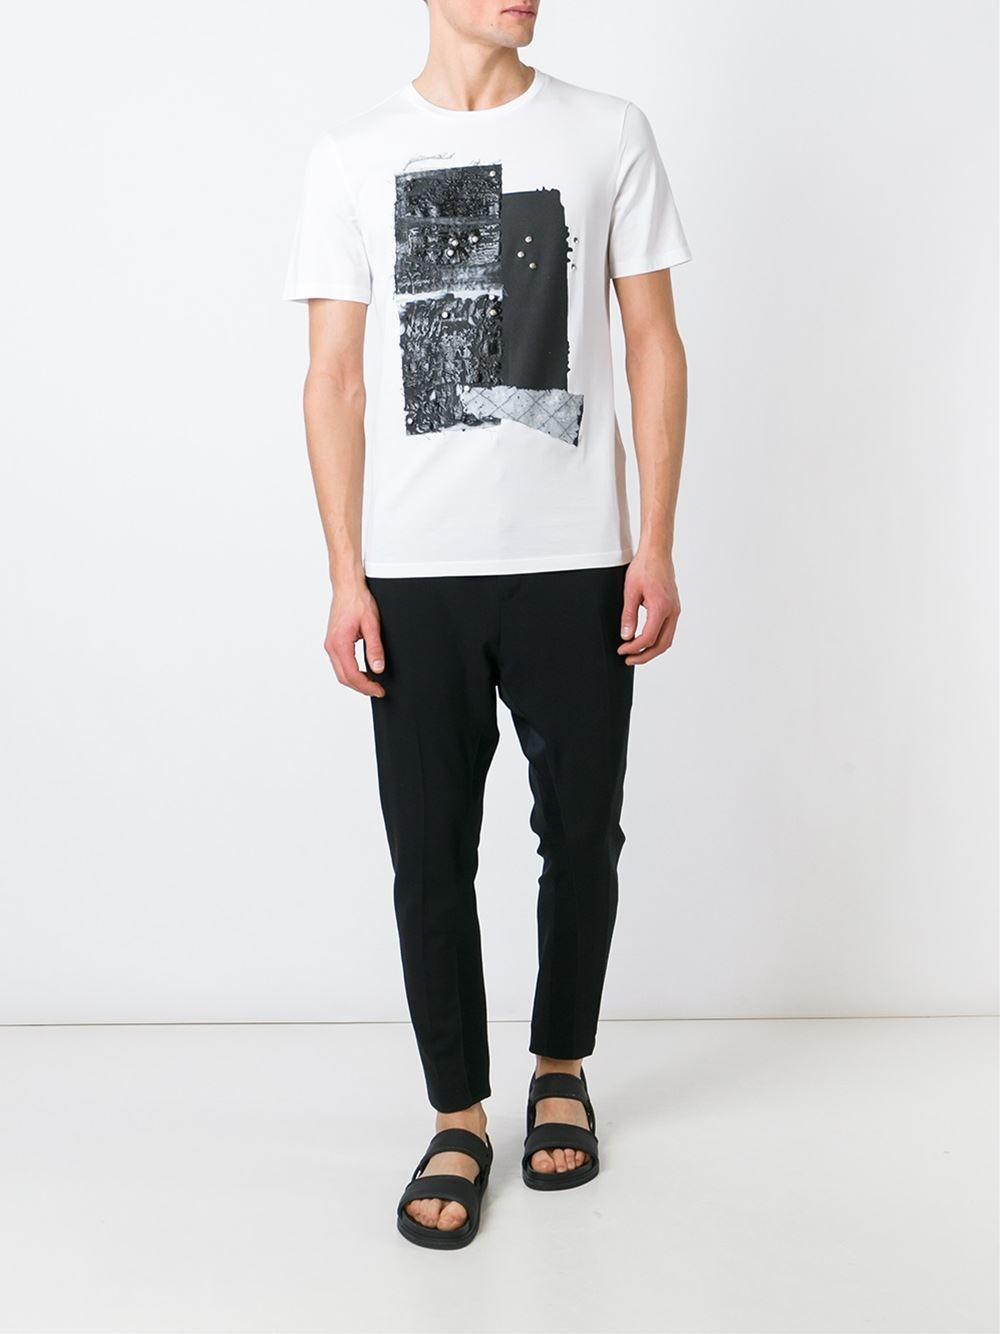 MAISON MARGIELA /// メゾンマルジェラ Textured T-Shirts (Wht) テクスチャードTシャツ 白